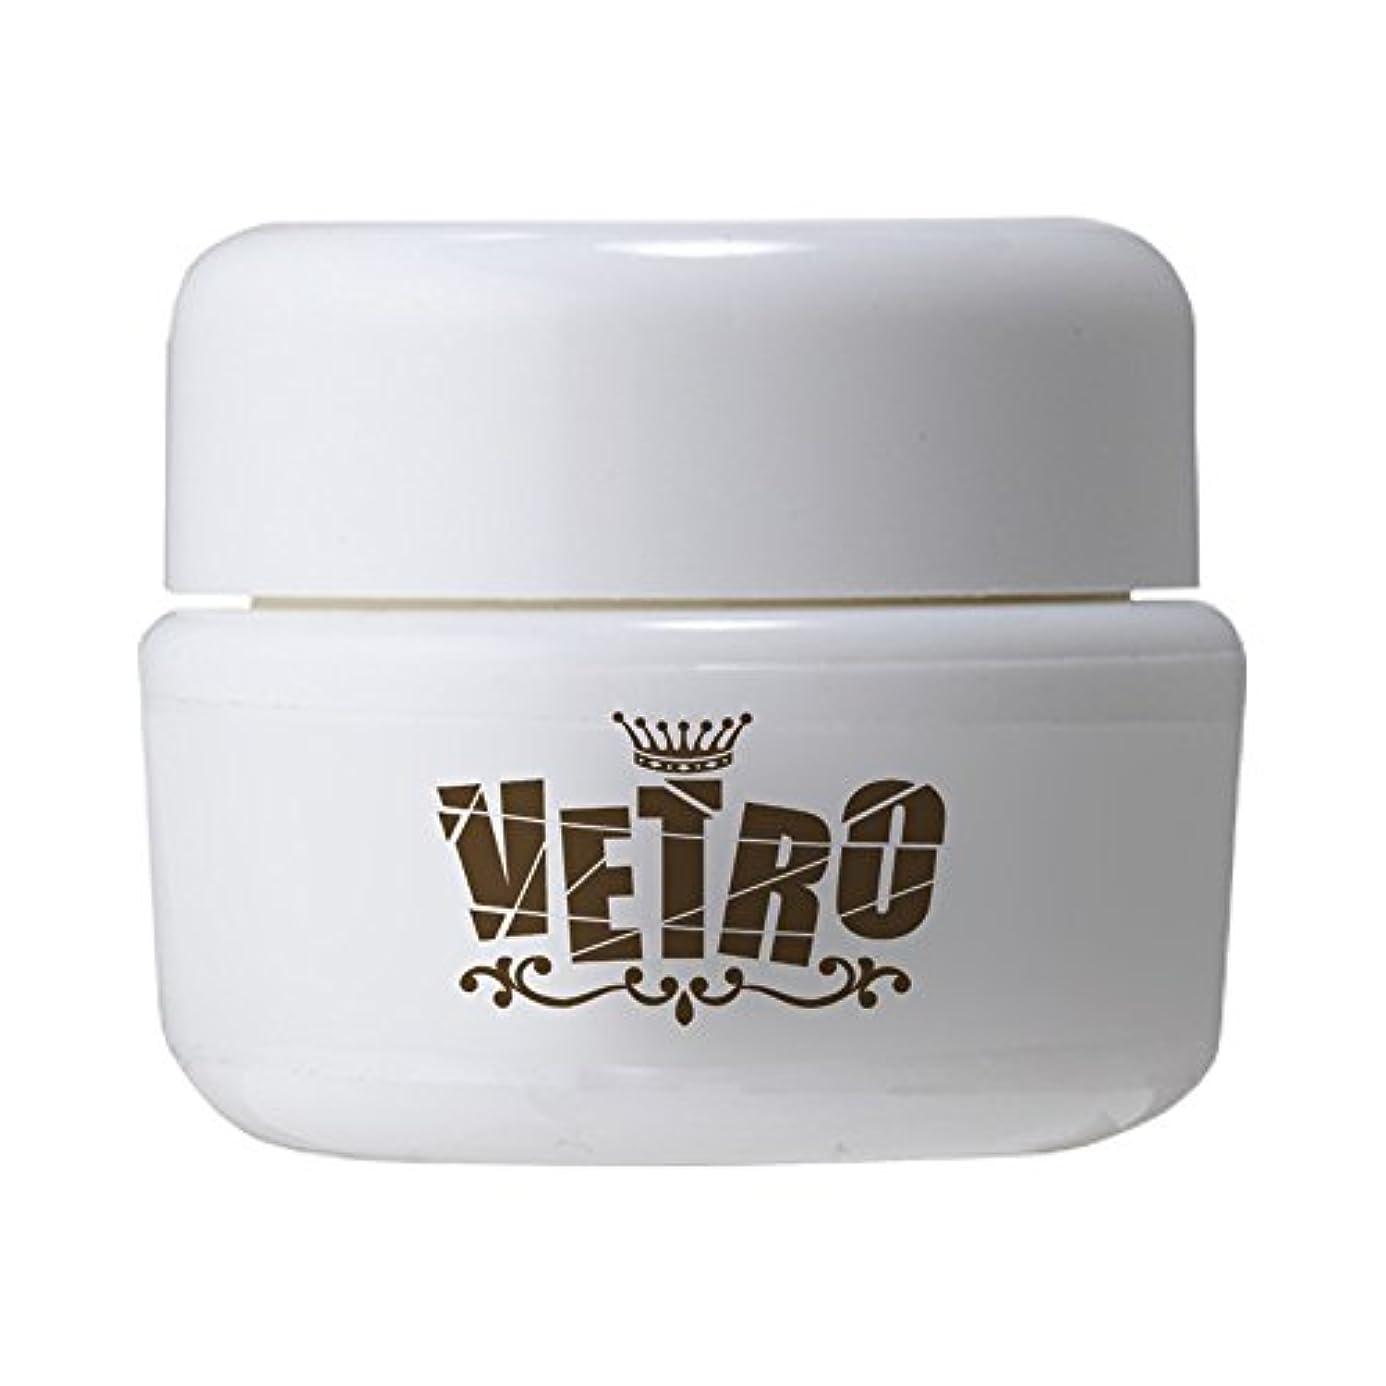 製品昼間解説VETRO No.19 カラージェル シアー VL340 ファーストレディ 4ml